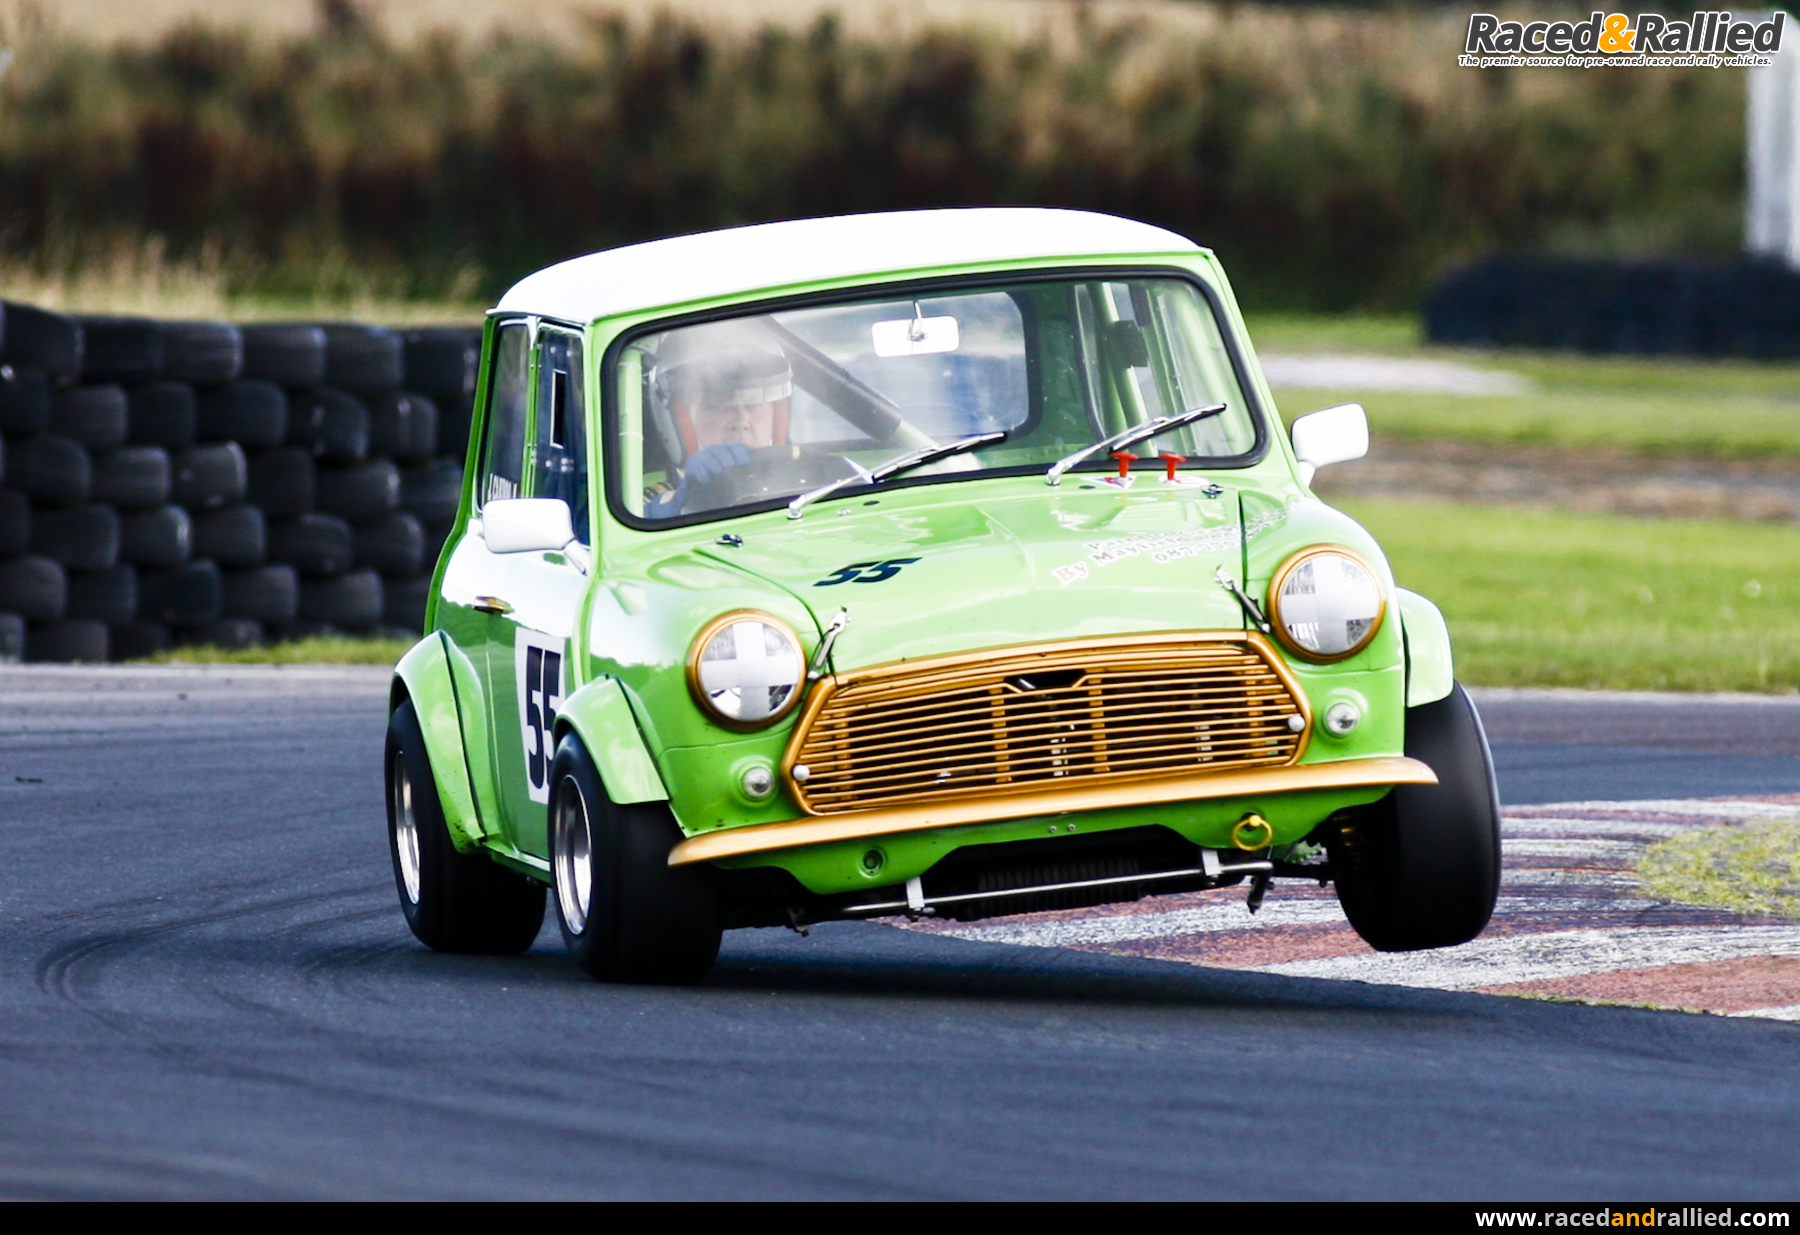 Mini Race Car Race Cars For Sale At Raced Rallied Rally Cars